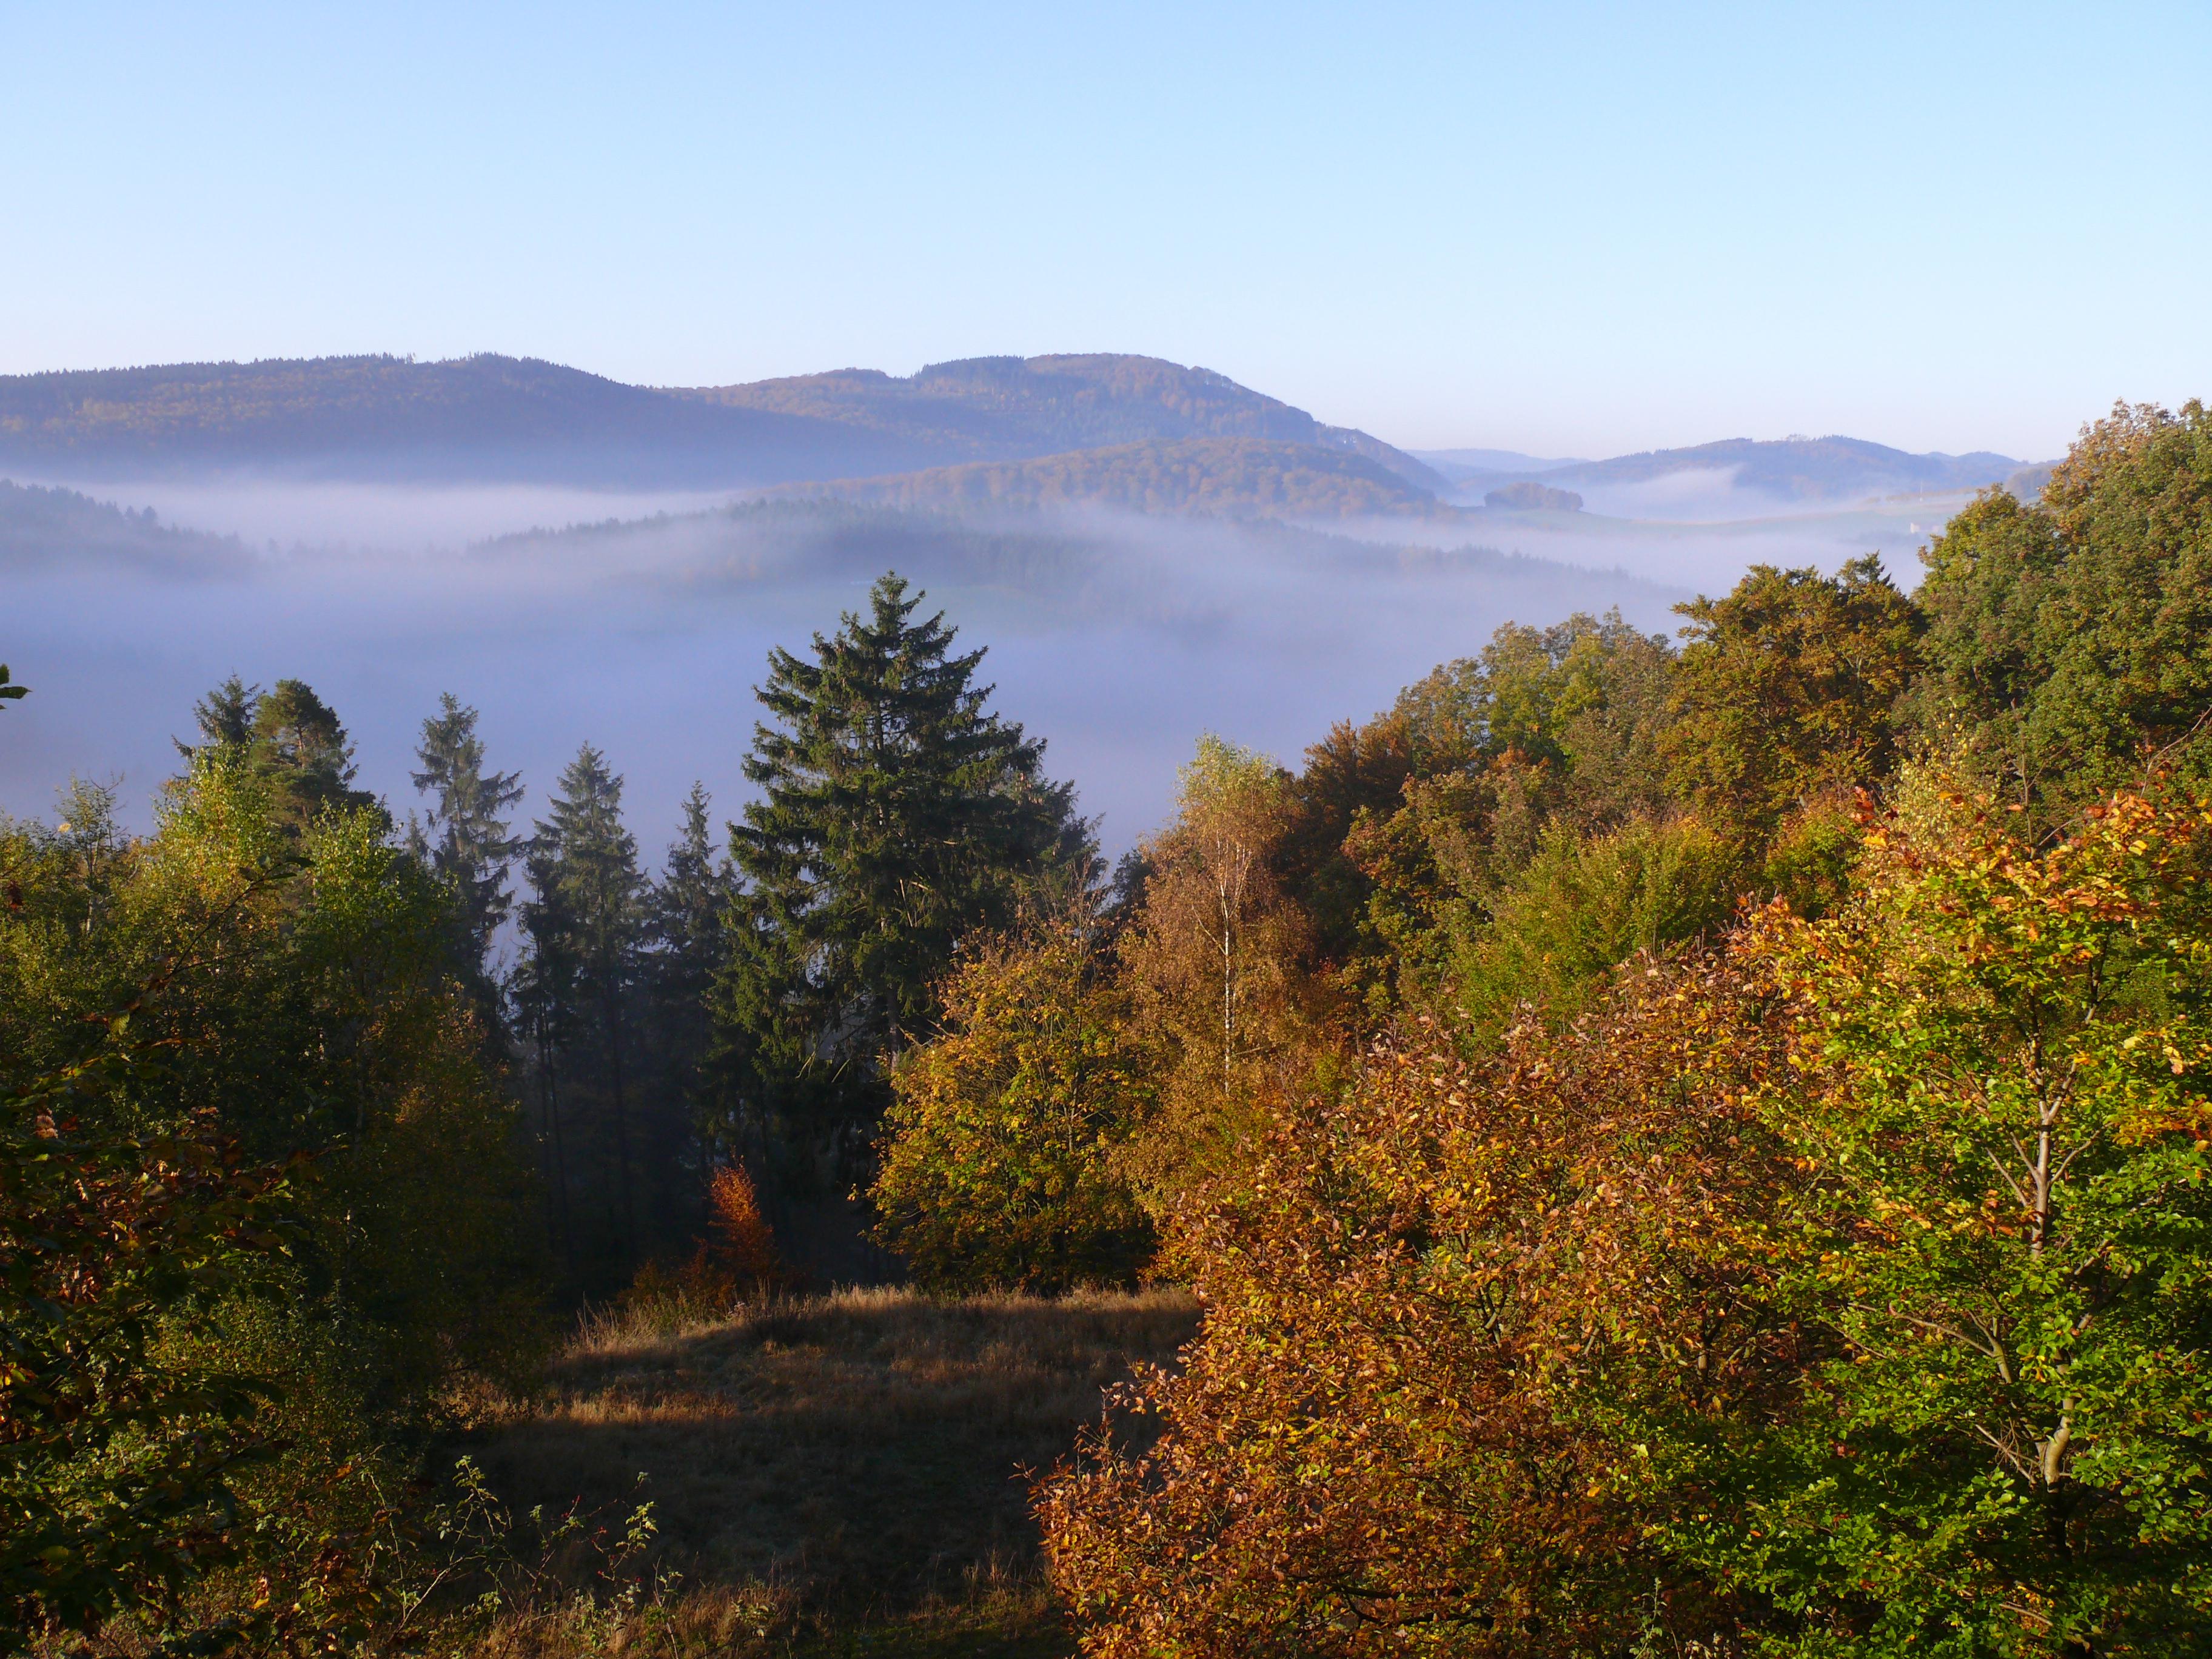 Mischwald im Herbst. Deutschland befindet sich in einer gemäßigten Klimazone.